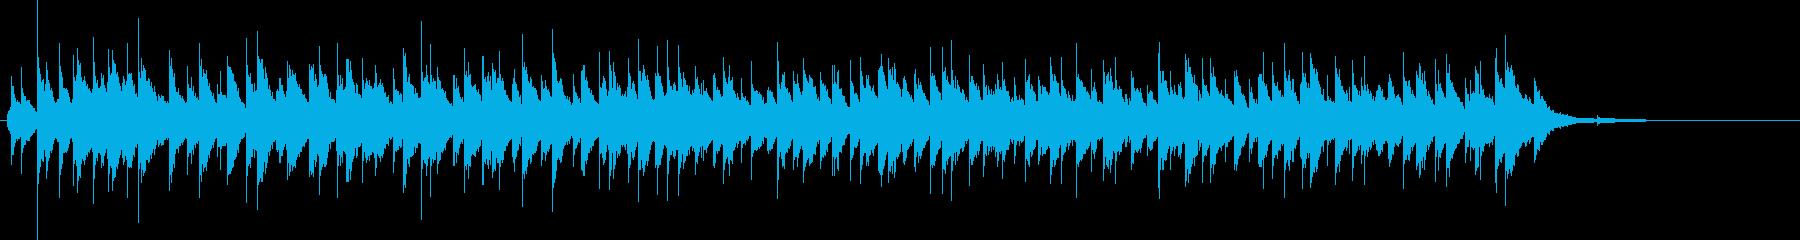 スモールハンドベルのグループ:ロン...の再生済みの波形